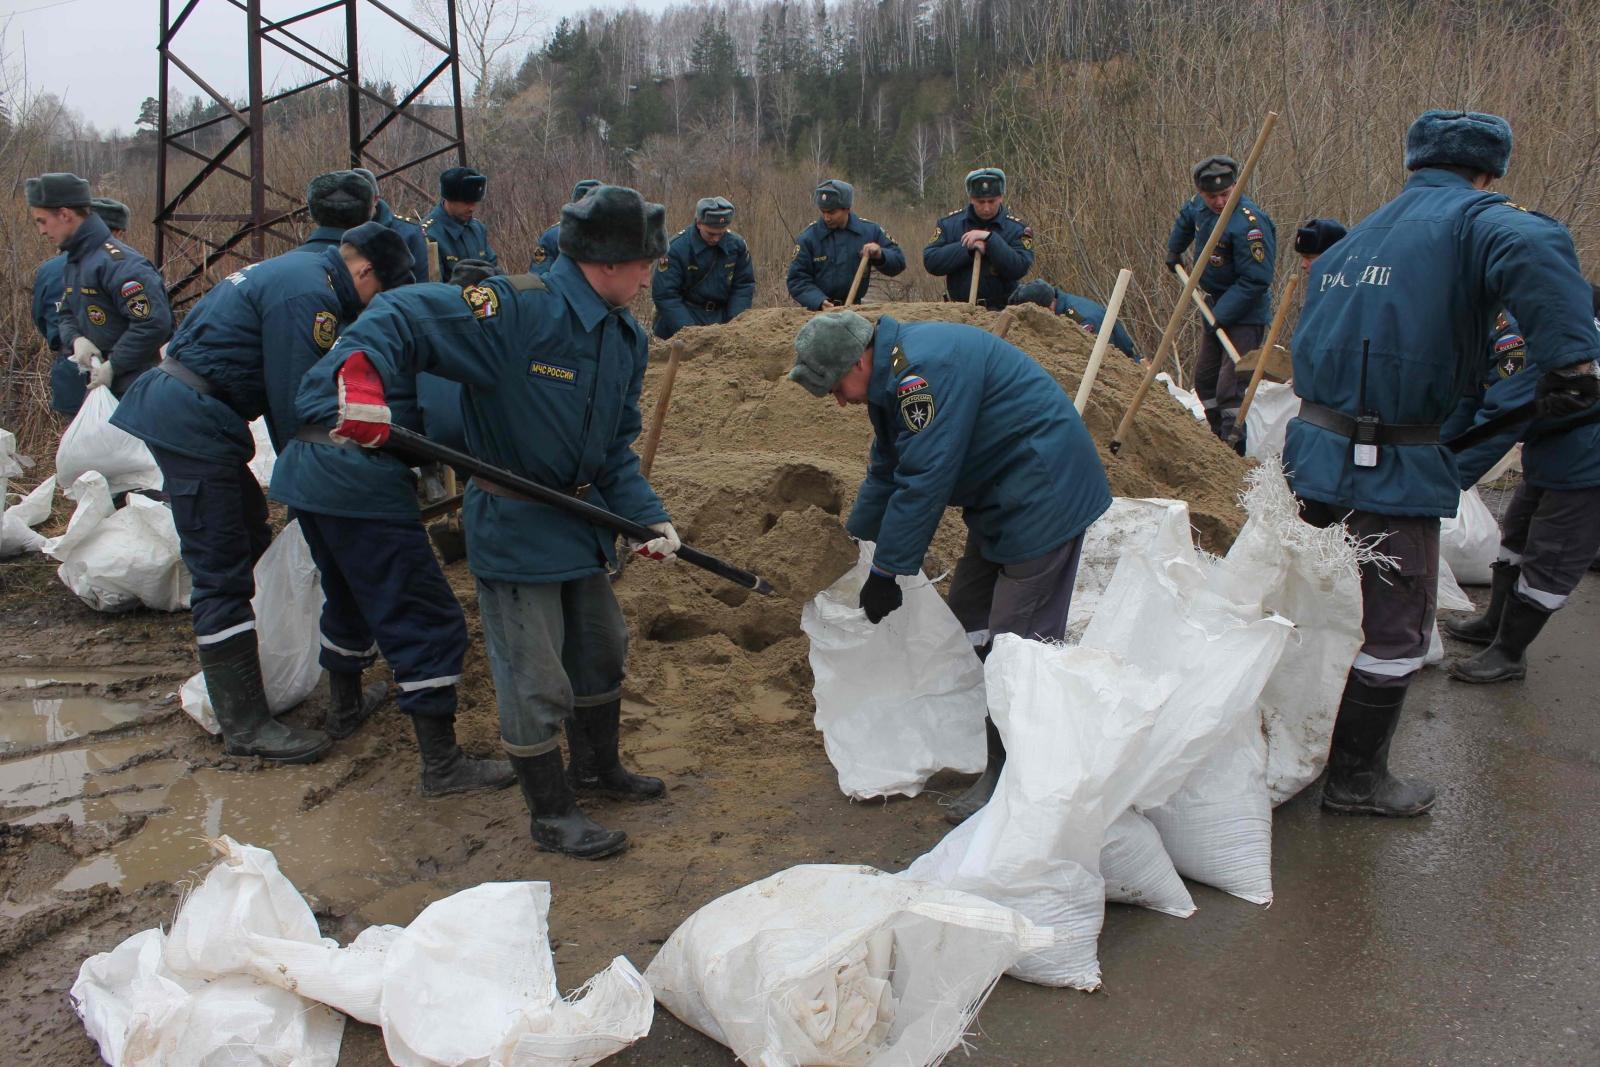 Спасатели Сибирского спасательного центра МЧС России создают на Степановке укрепления для защиты дорог от переливов, 20 апреля 2015 года